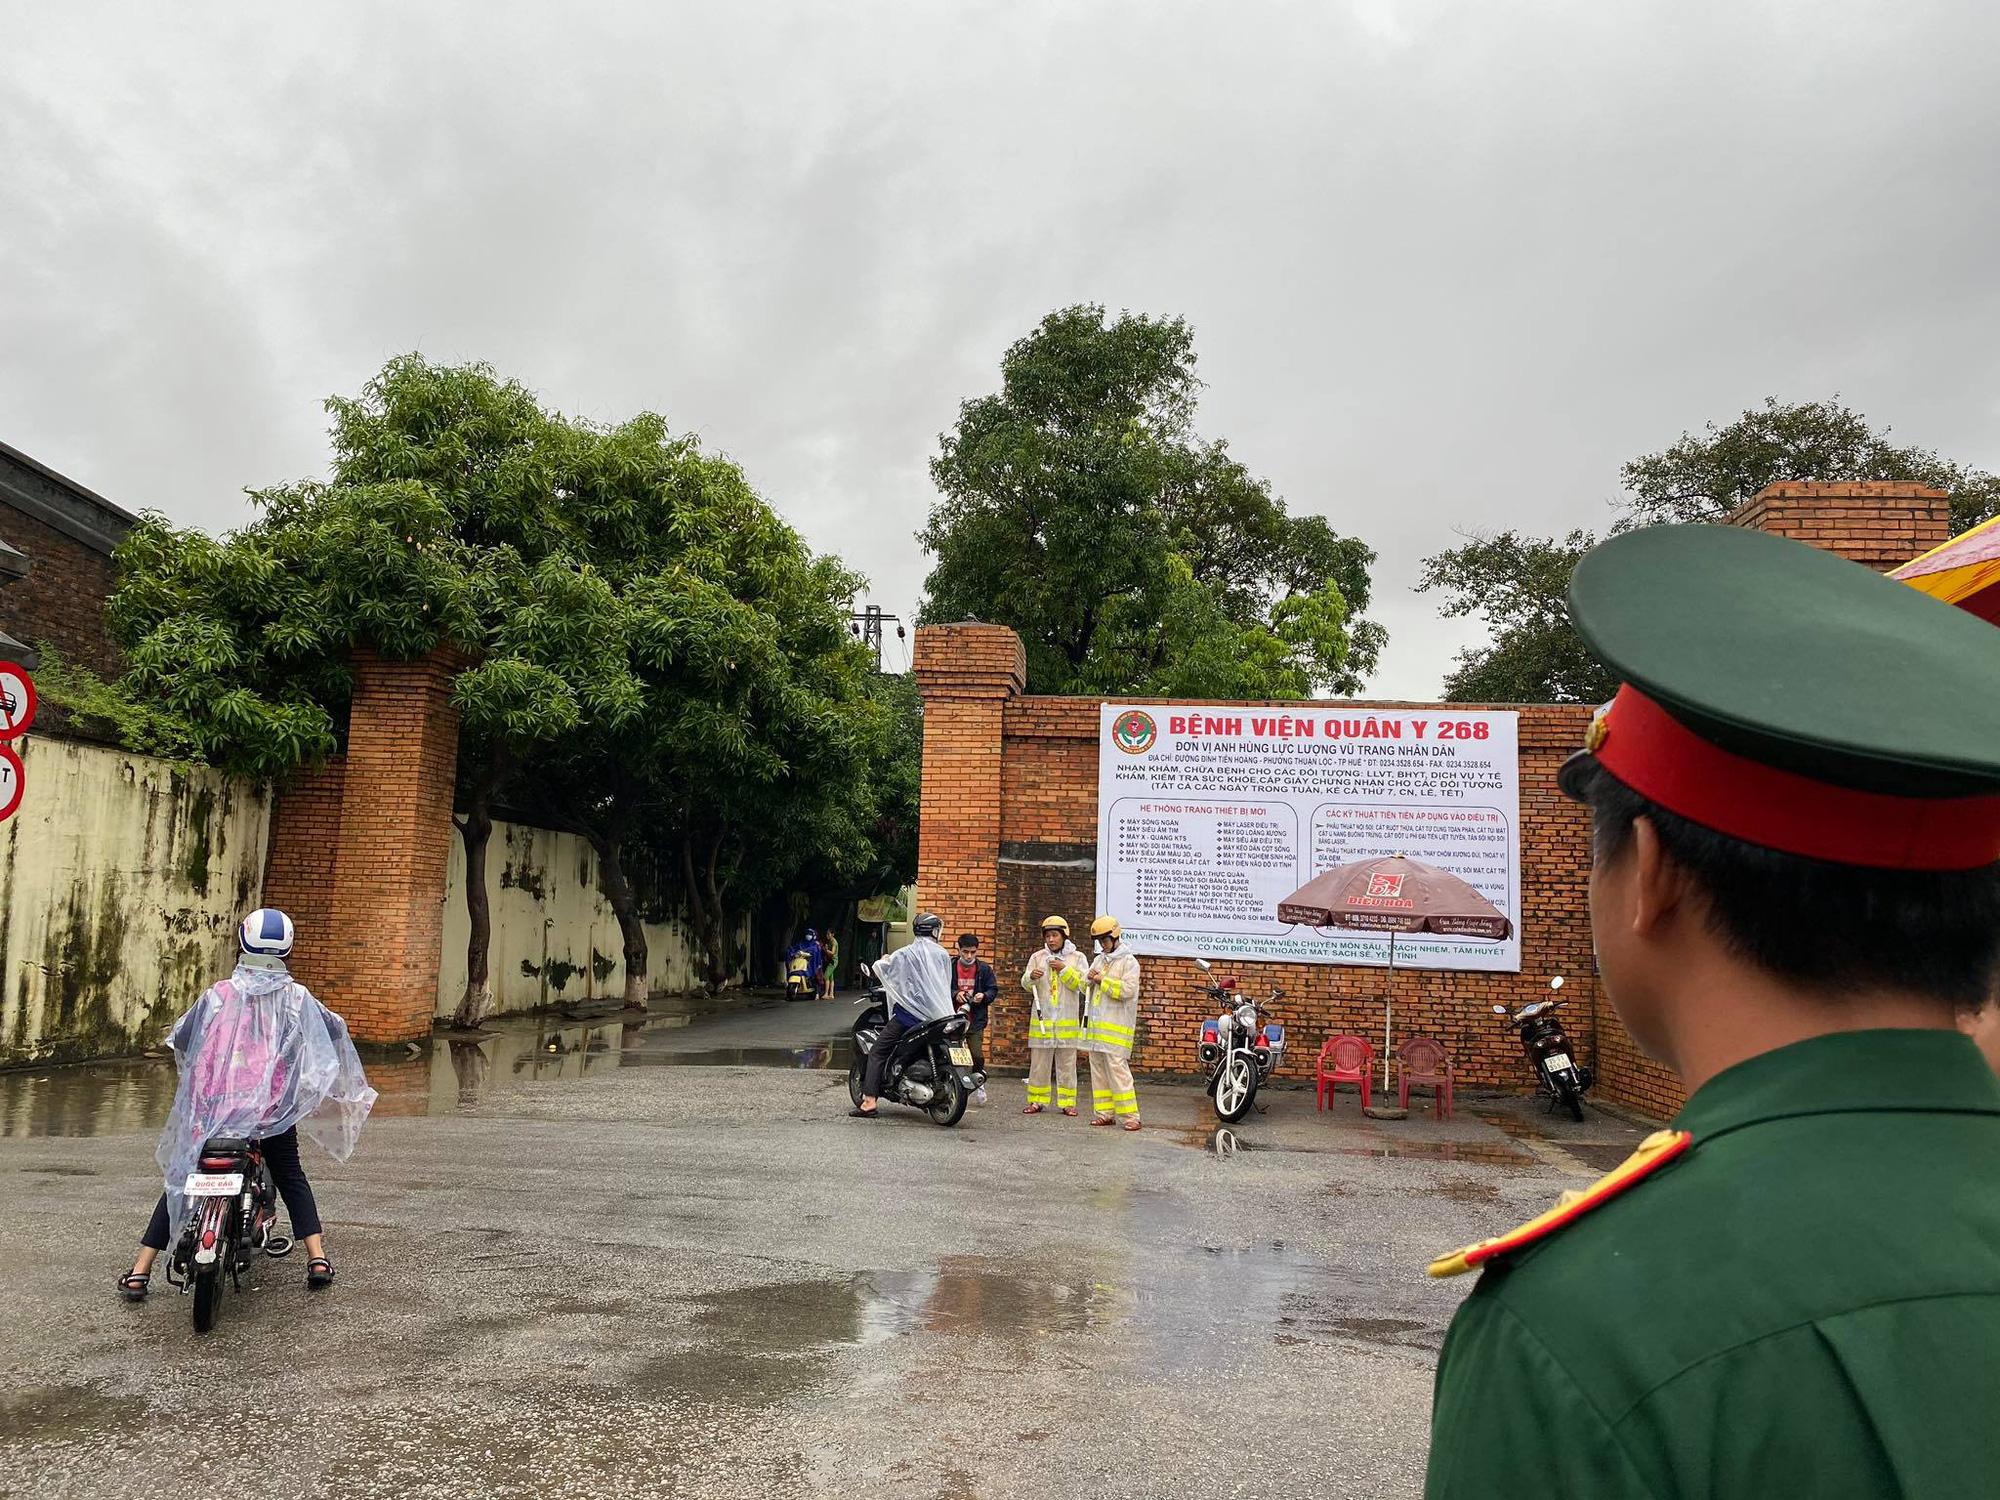 Rất đông người dân vào thắp hương 13 cán bộ, chiến sỹ tại Bệnh viện Quân y 268 - Ảnh 3.